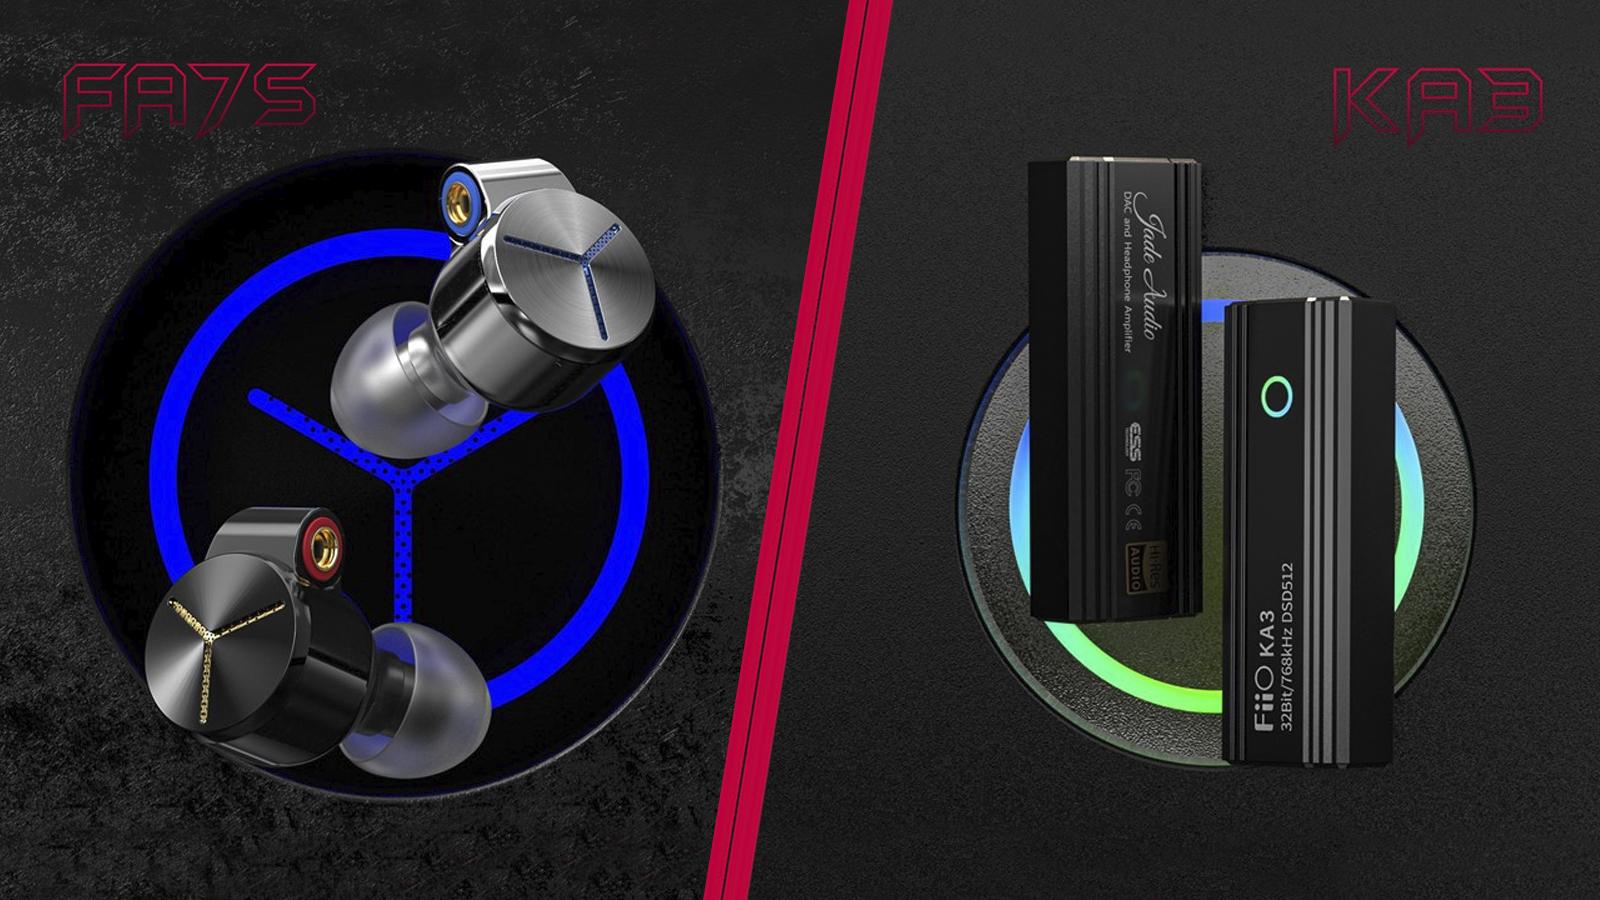 FiiO FA7S та KA3 — нові навушники та портативний ЦАП